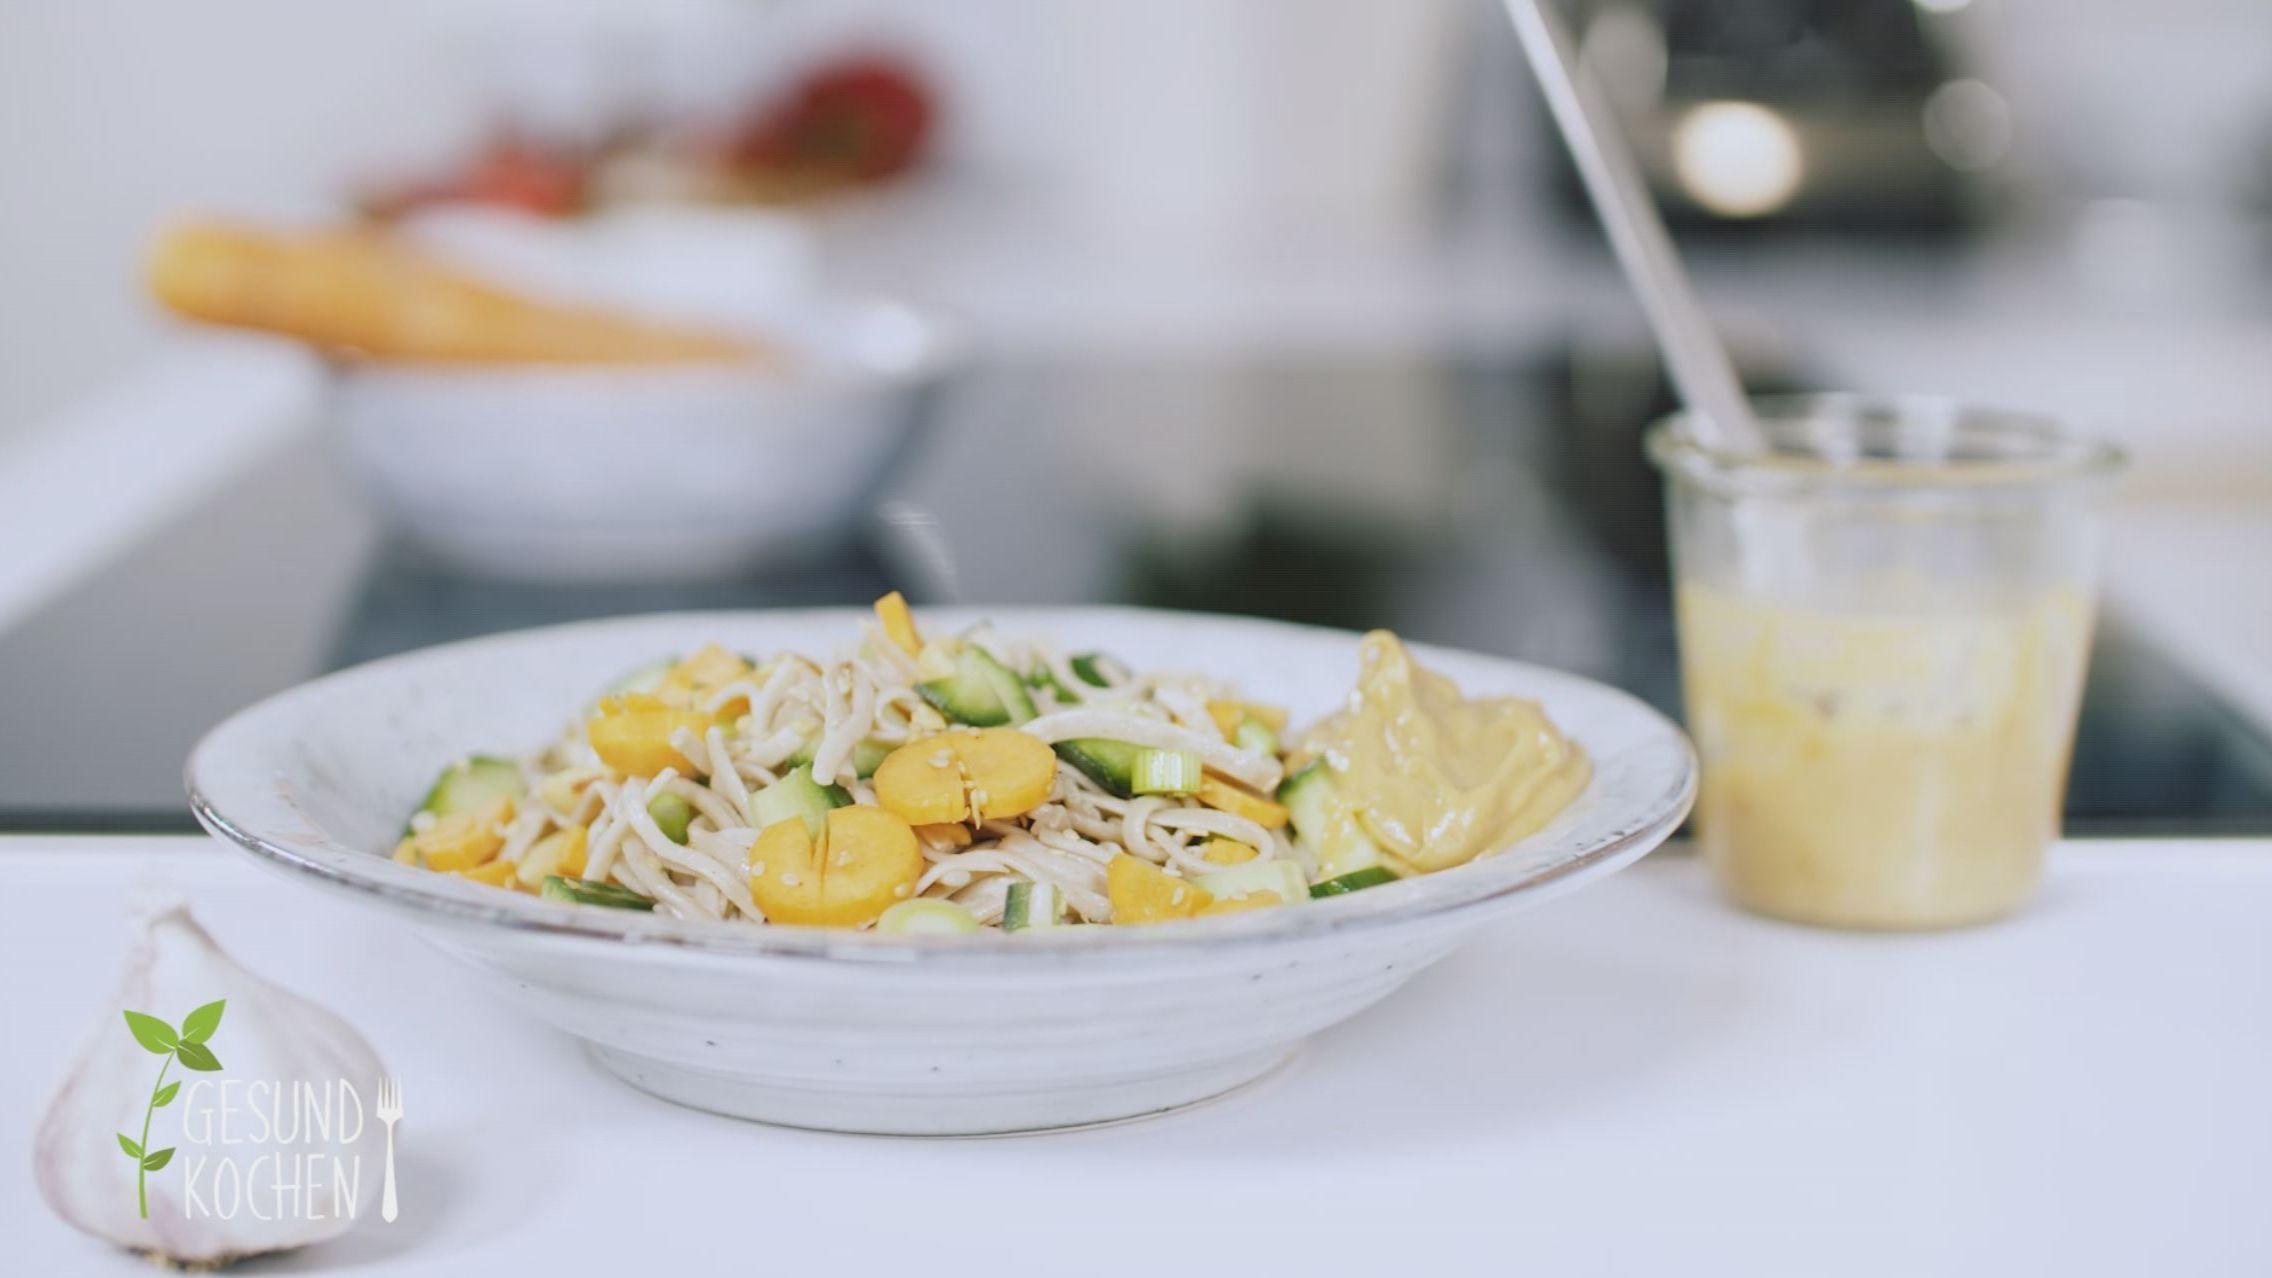 Gesund kochen - ohne Zucker: Hirse-Porridge, Soba-Nudelsalat und überbackener Chicorée